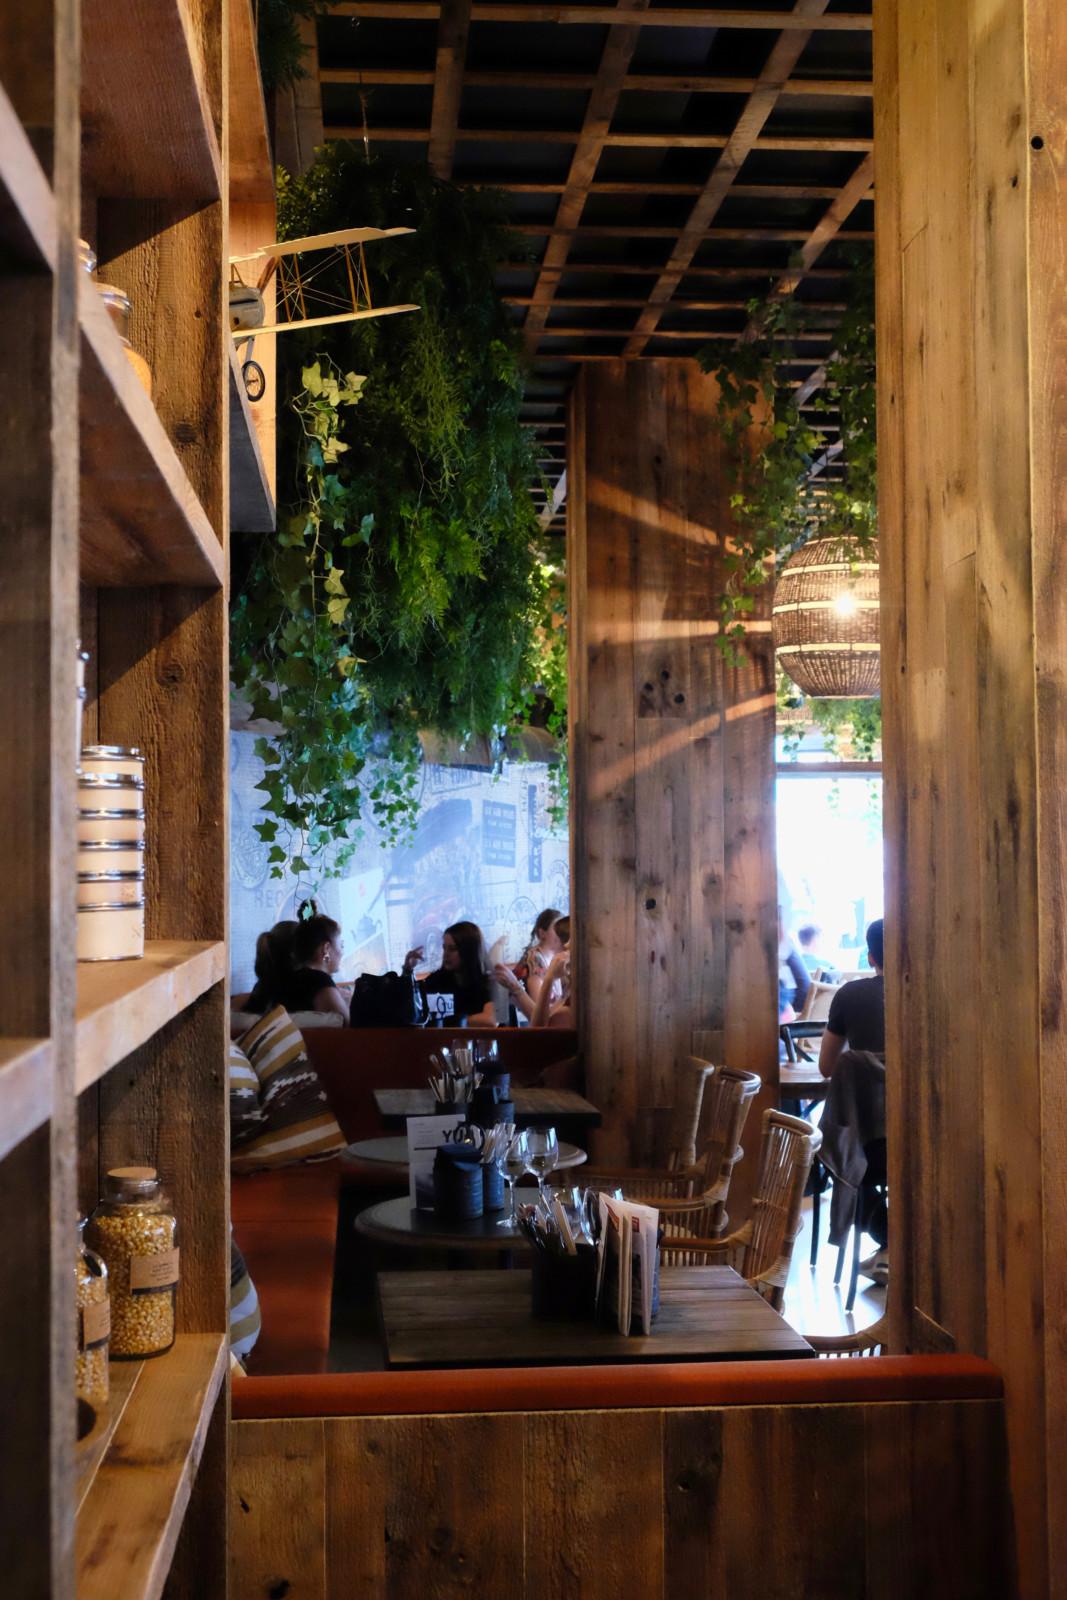 Feinster Streetfood in gemütlicher Atmosphäre: Das neueröffnete Yuma ist definitiv einen Besuch wert. Foto: Lunchgate/Anna